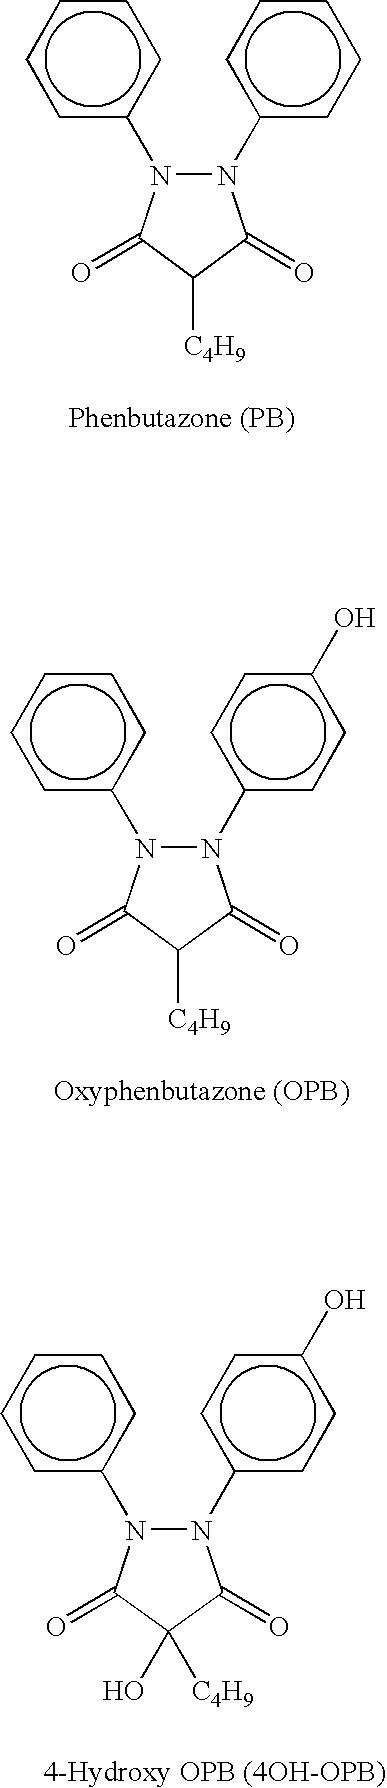 Figure US07663000-20100216-C00002